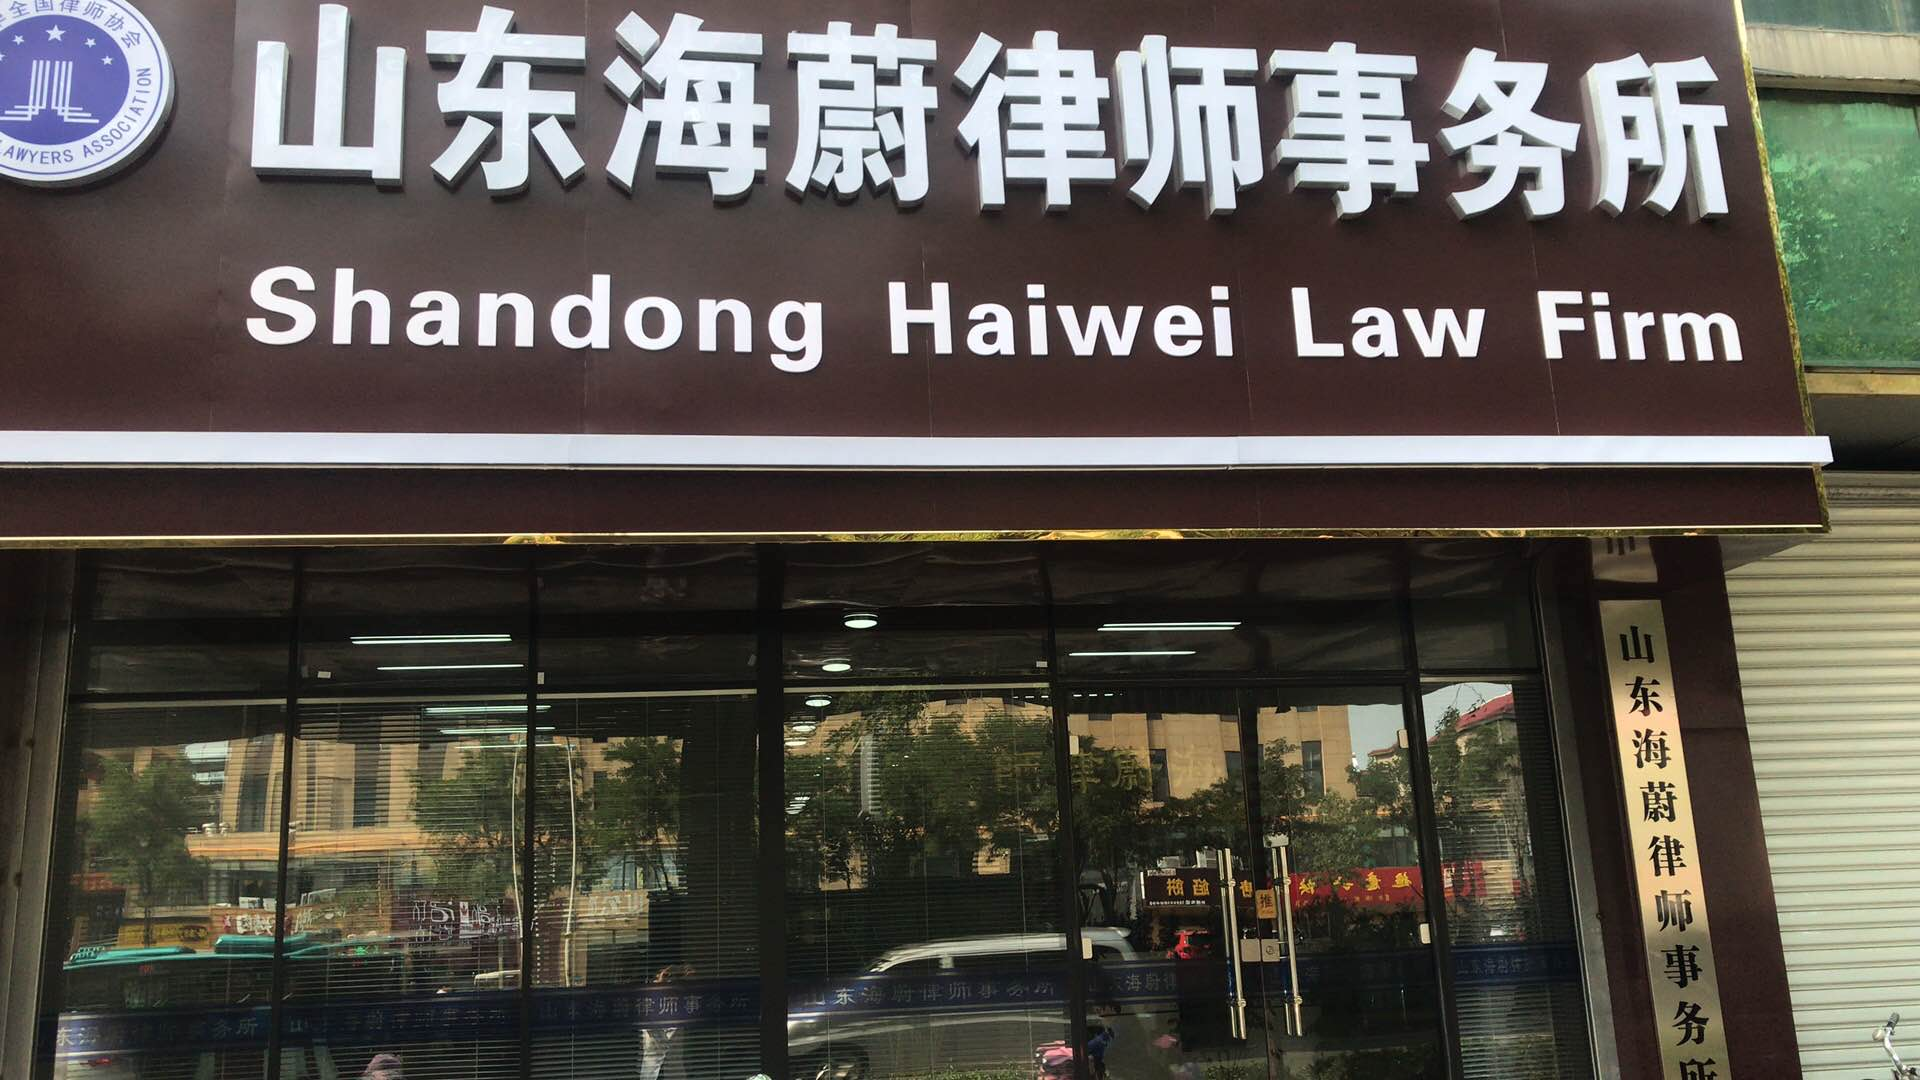 律师咨询免费 在线法律咨询